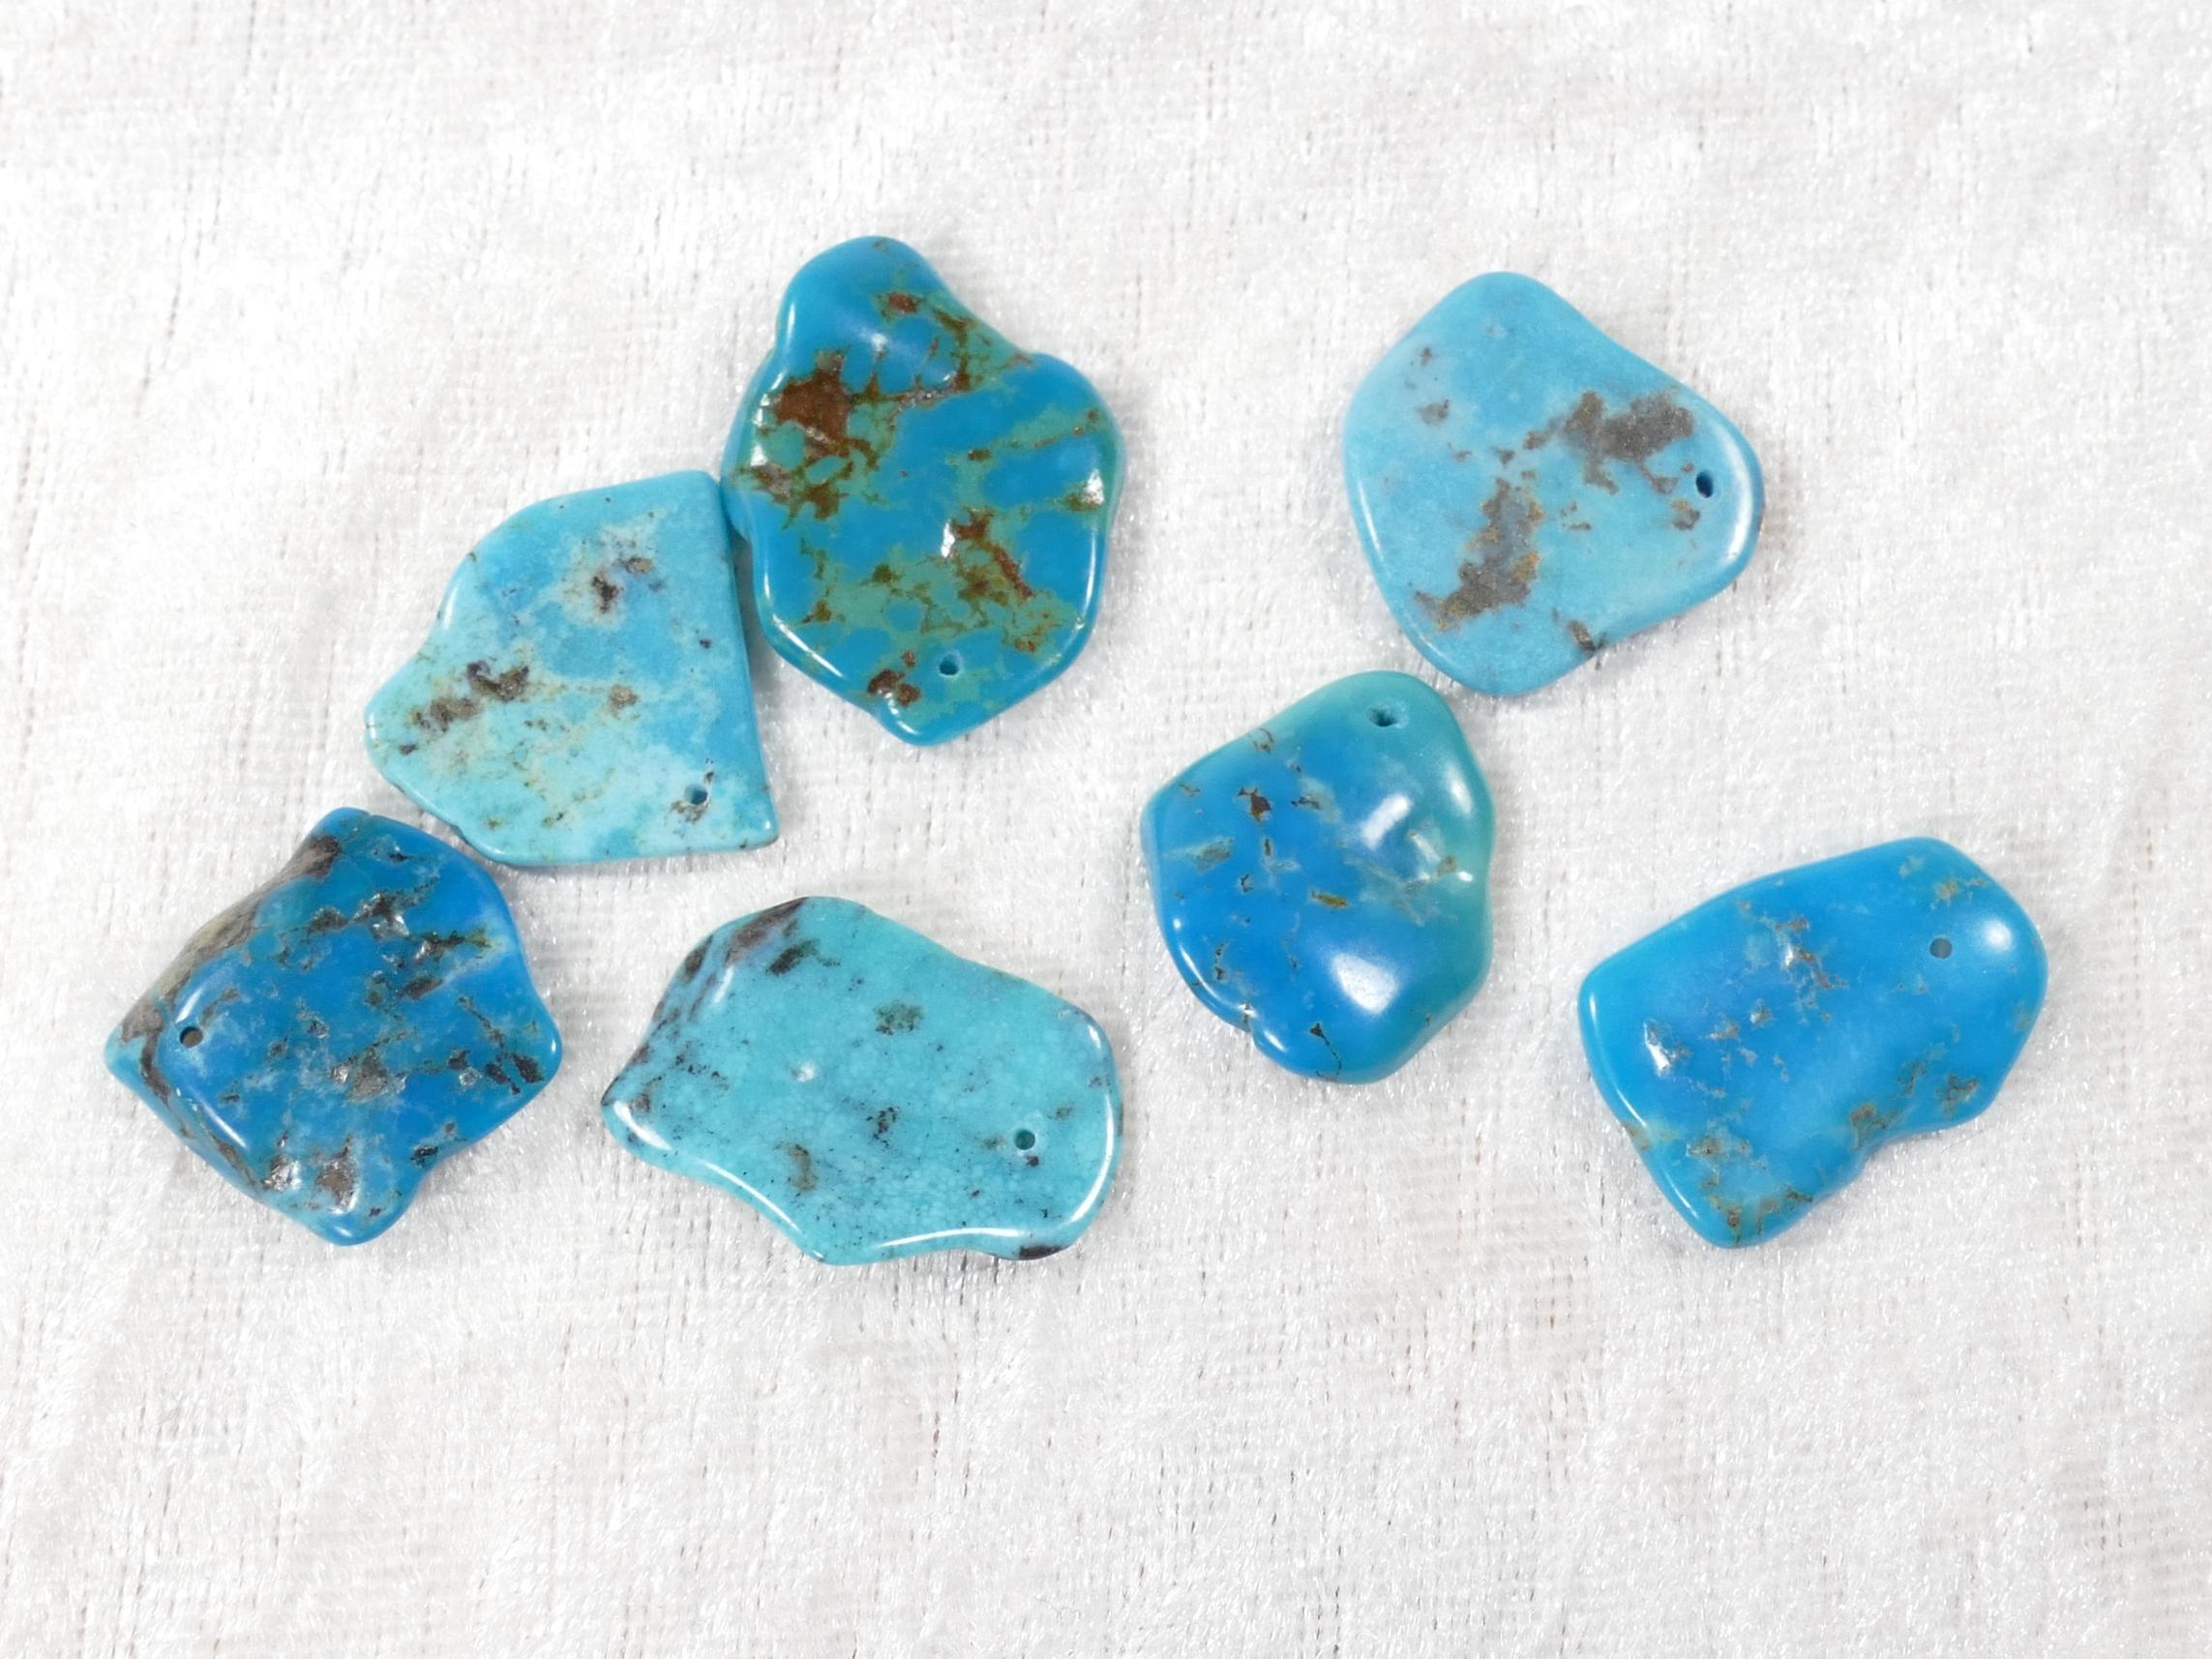 7 Perles de Turquoise naturelle en morceau roulé poli (#PM723)